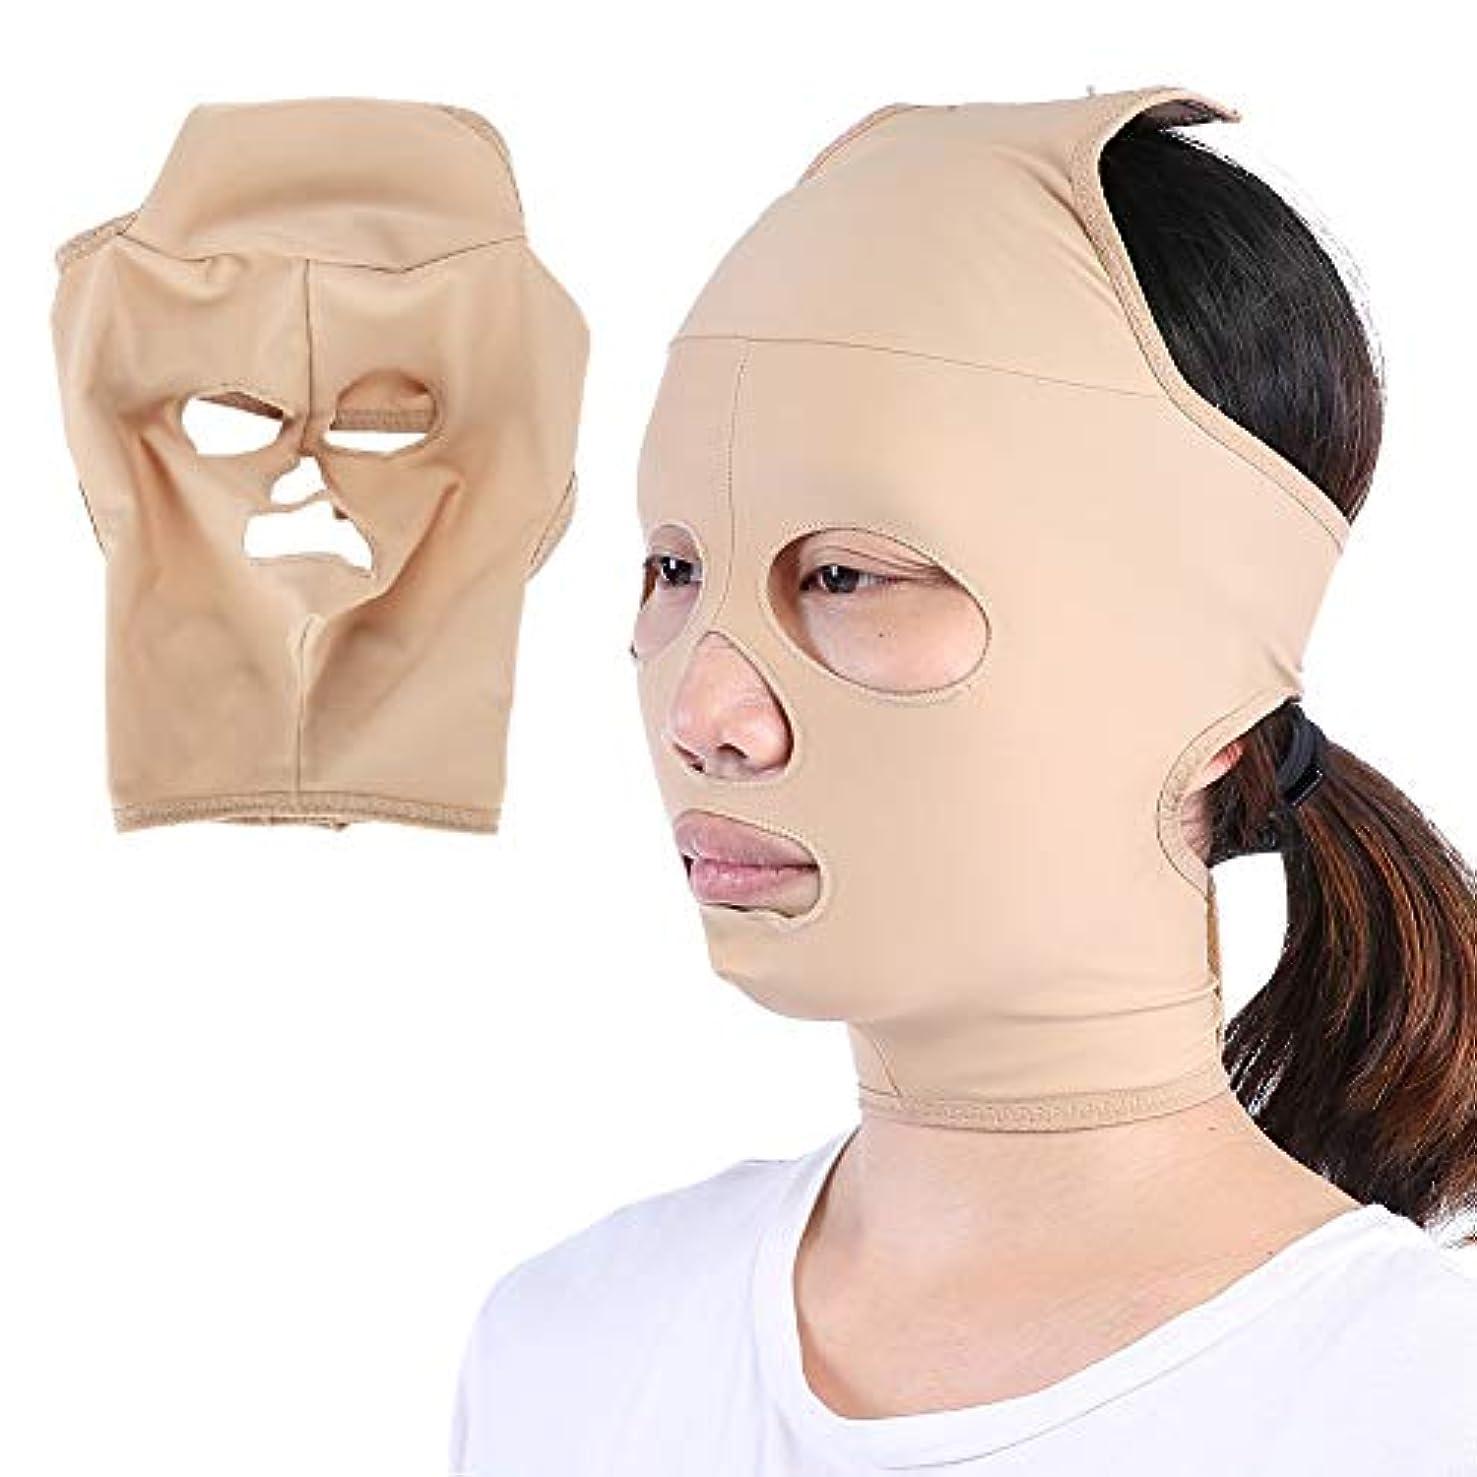 倉庫膨張するクリーナー顔の减量のベルト、完全なカバレッジ 顔のVラインを向上させる 二重顎を減らす二重顎、スキンケア包帯(M)